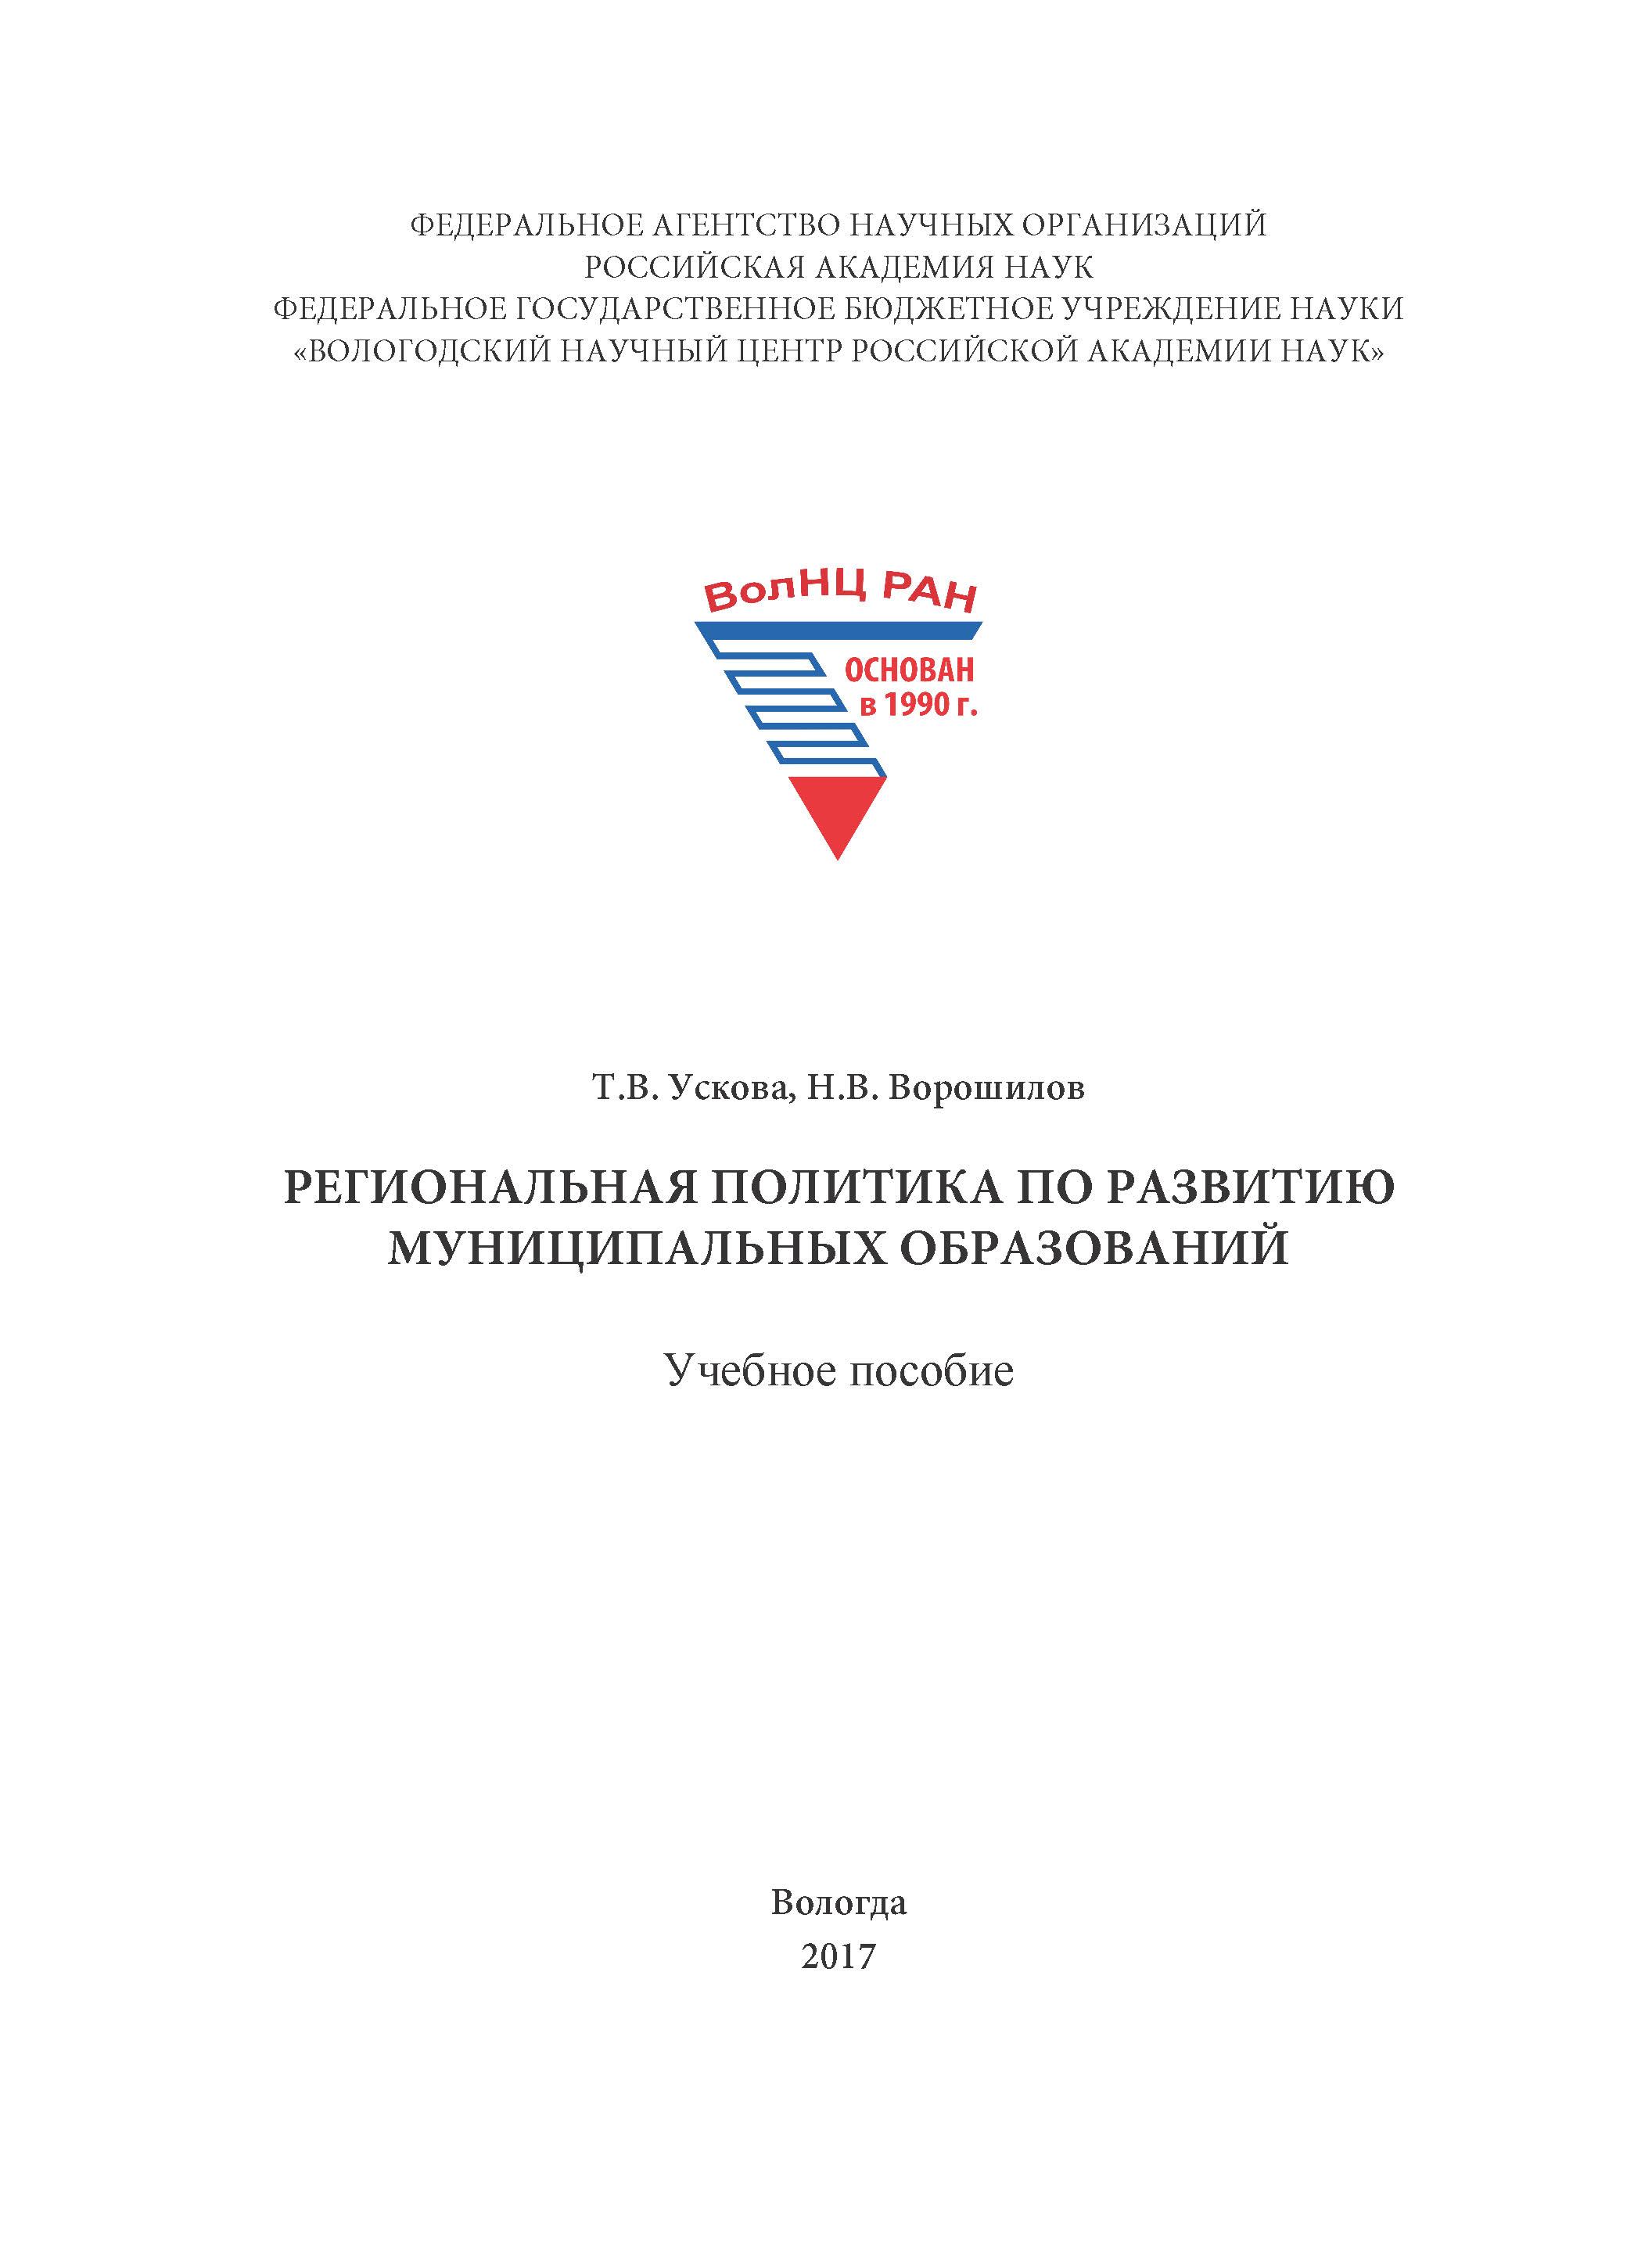 Т. В. Ускова Региональная политика по развитию муниципальных образований коллектив авторов инфраструктура муниципальных образований